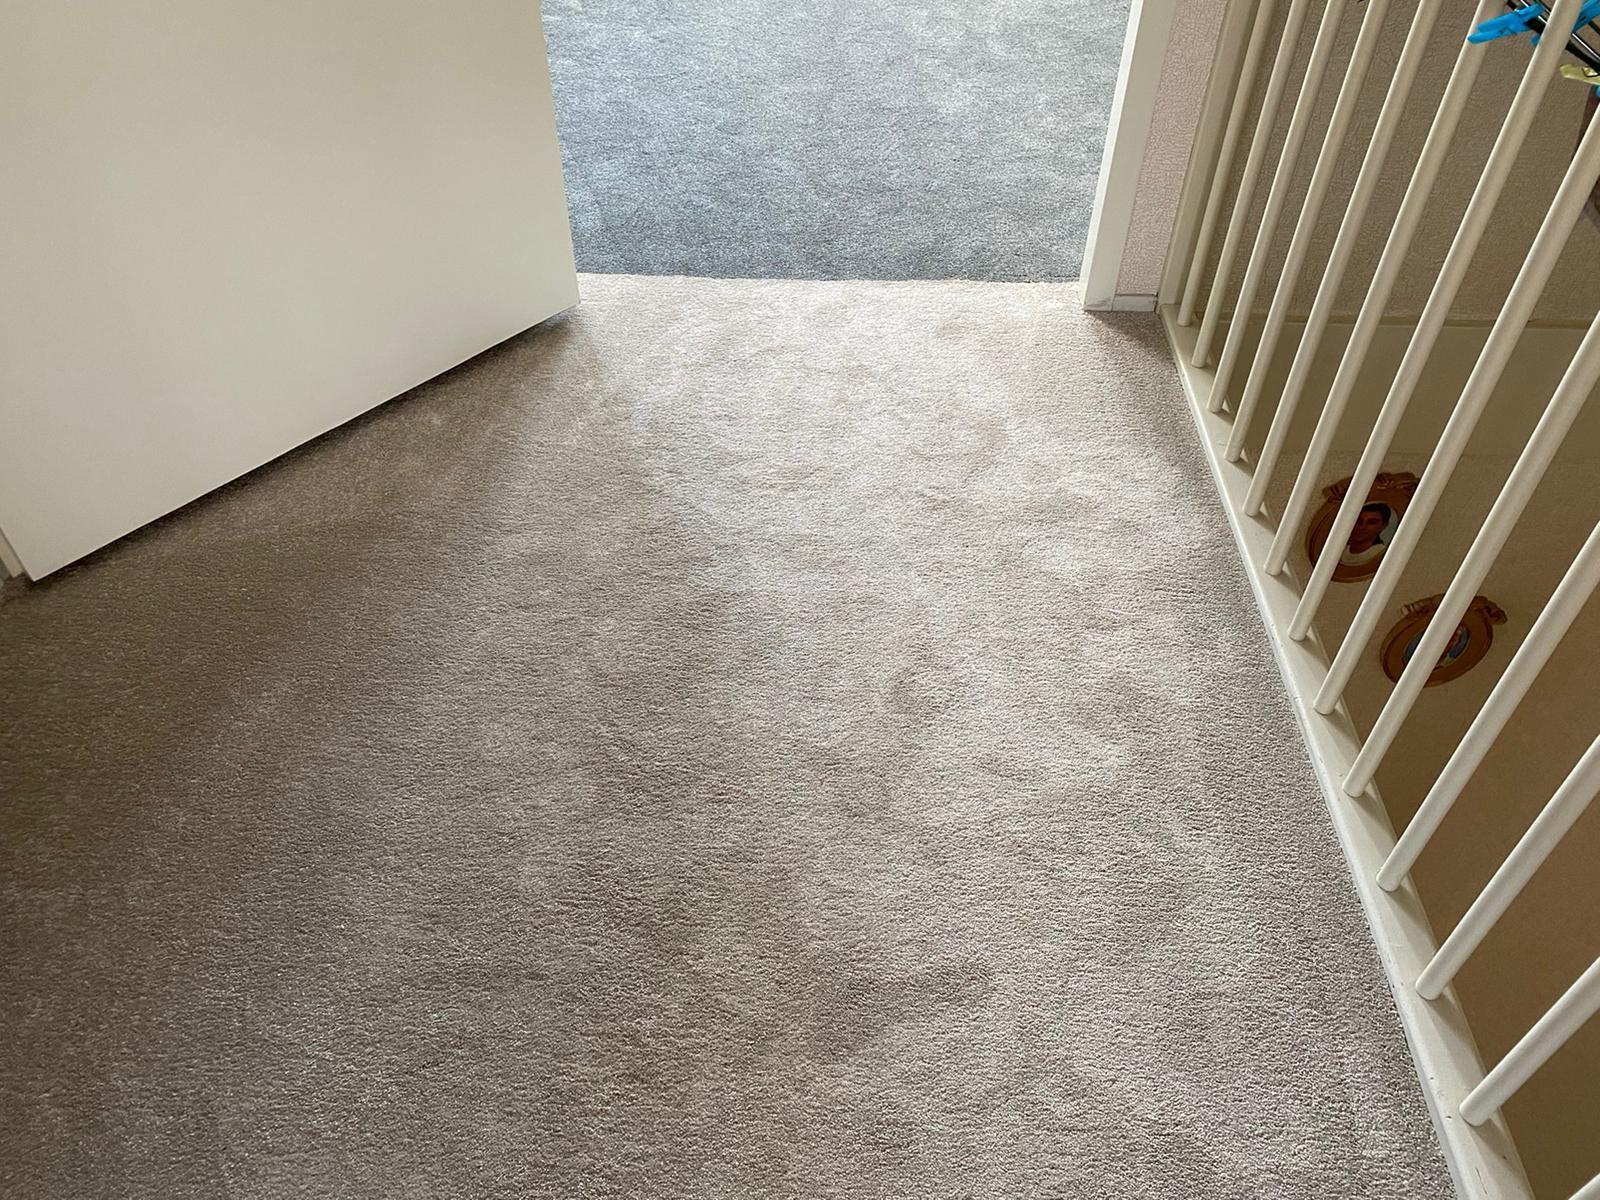 Bacovloeren tapijt leggen overloop